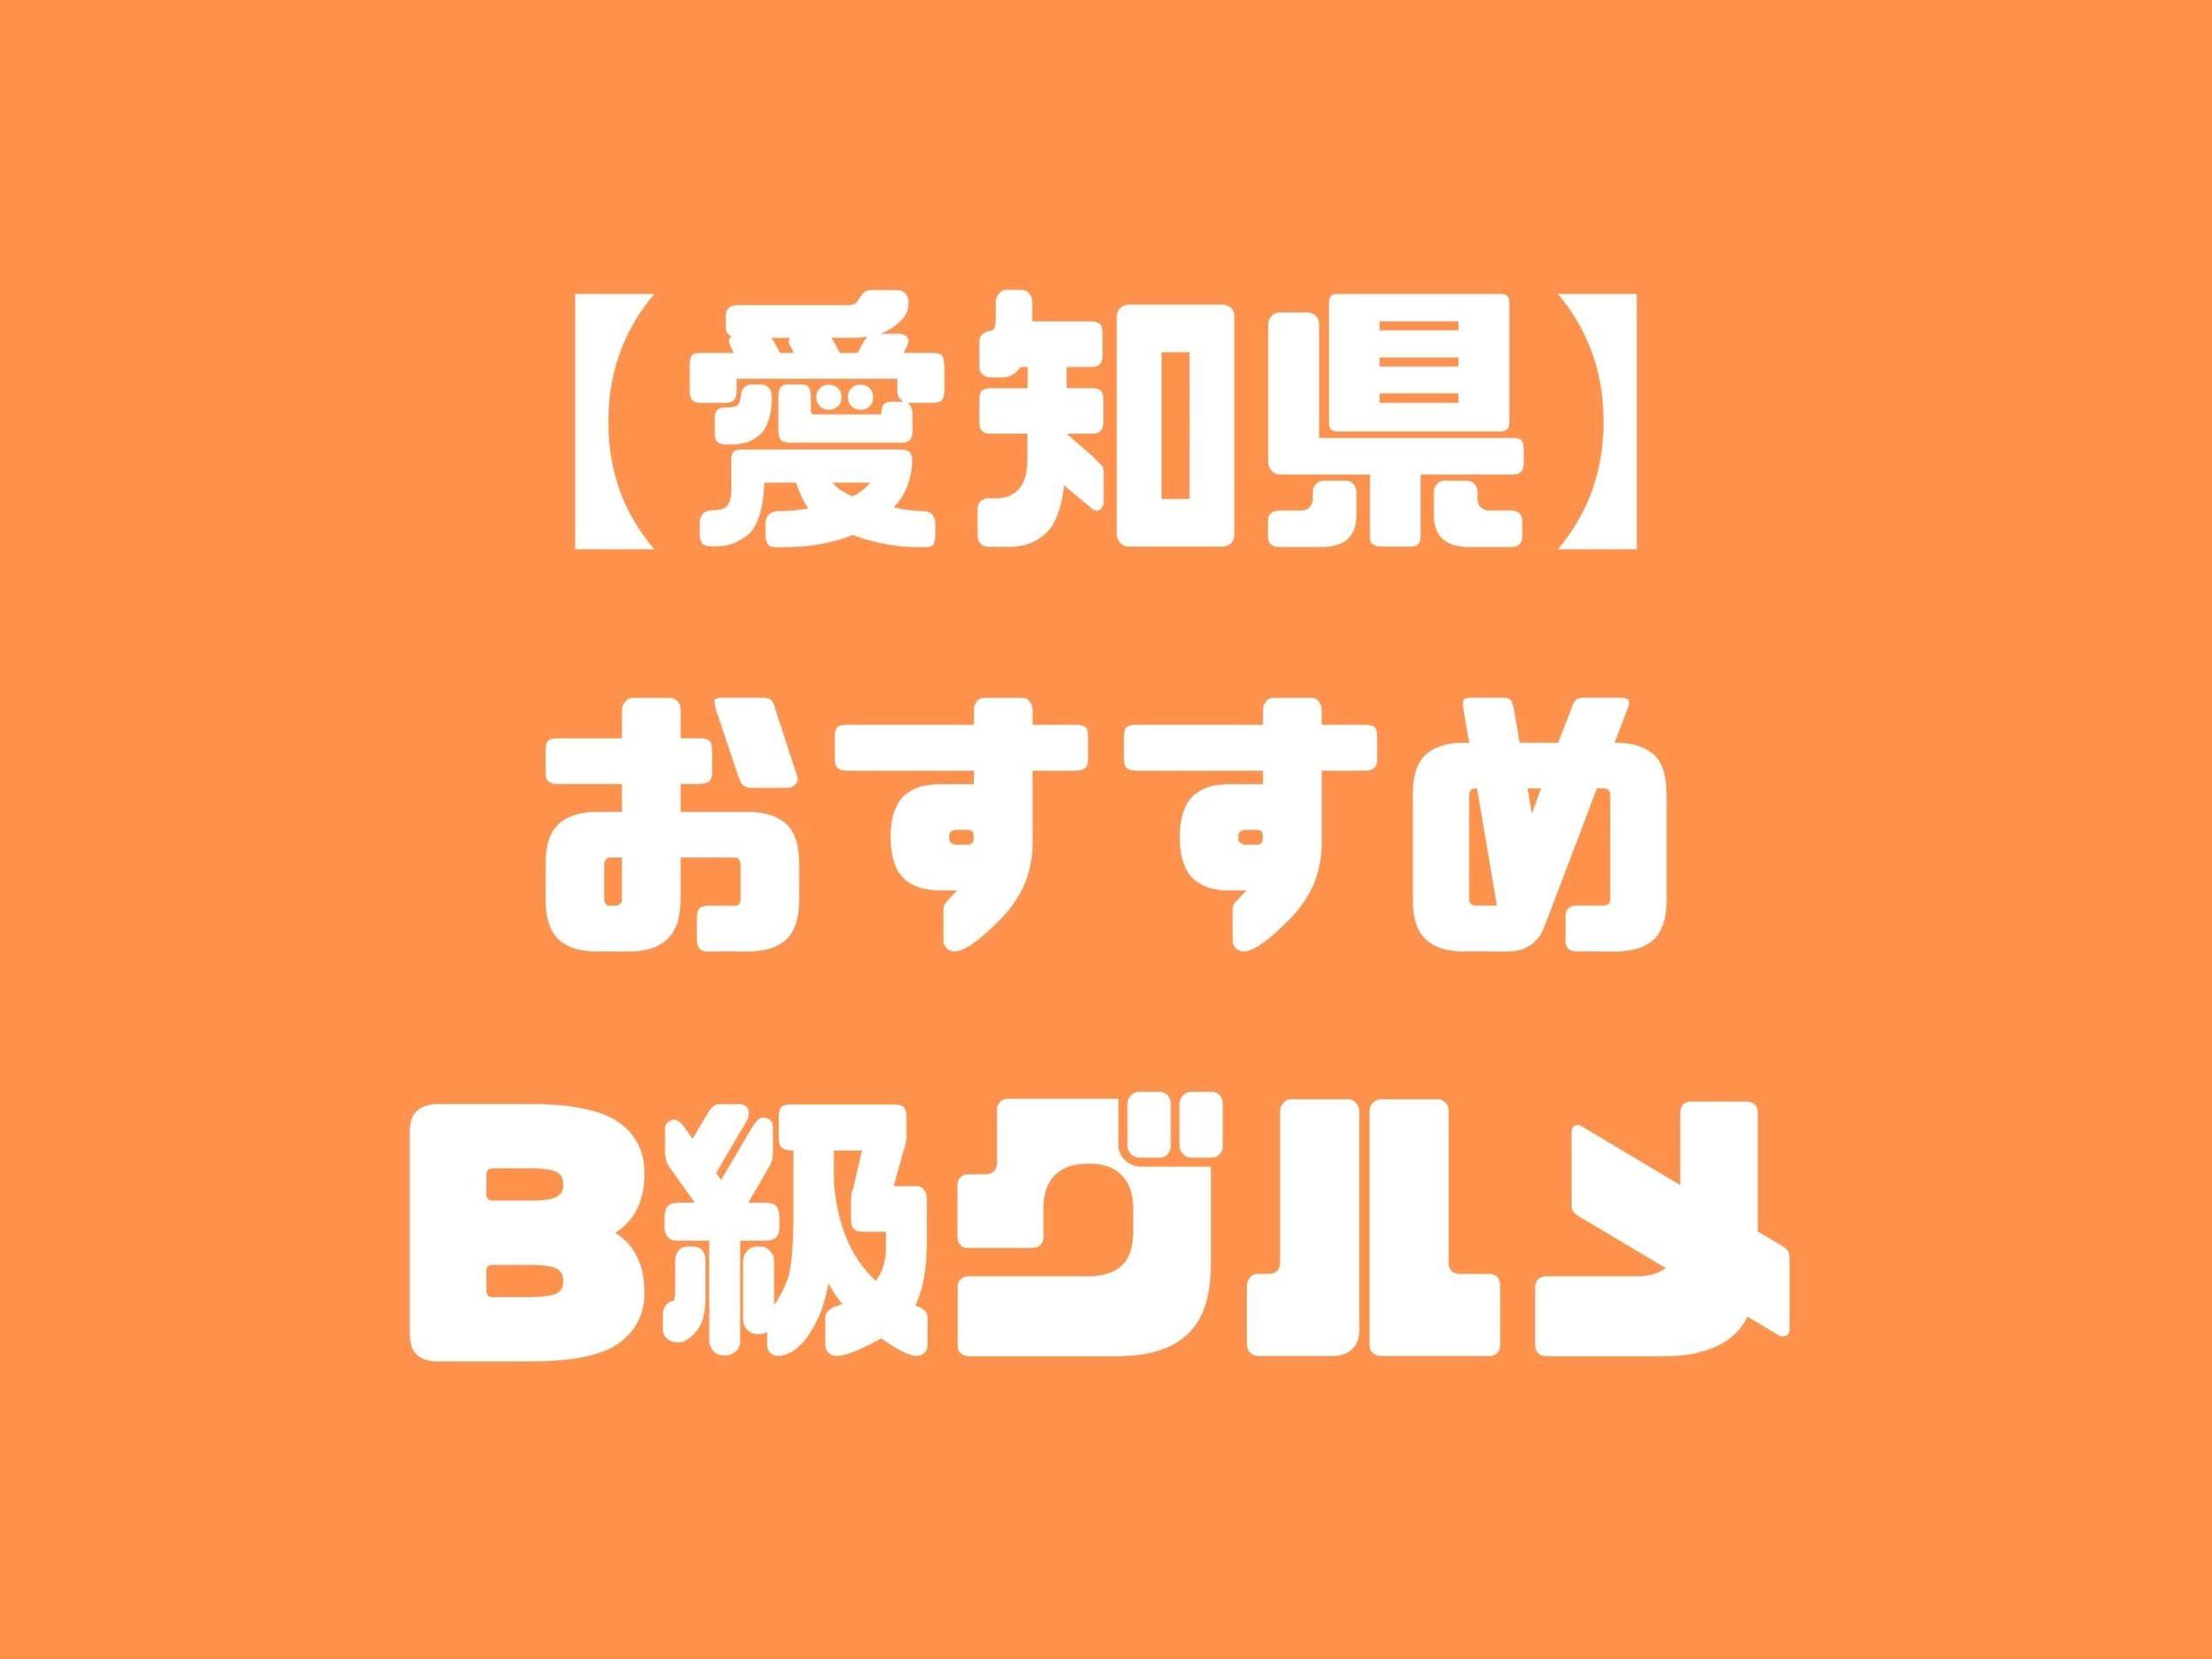 【愛知県版】秘密のケンミンSHOWまとめ